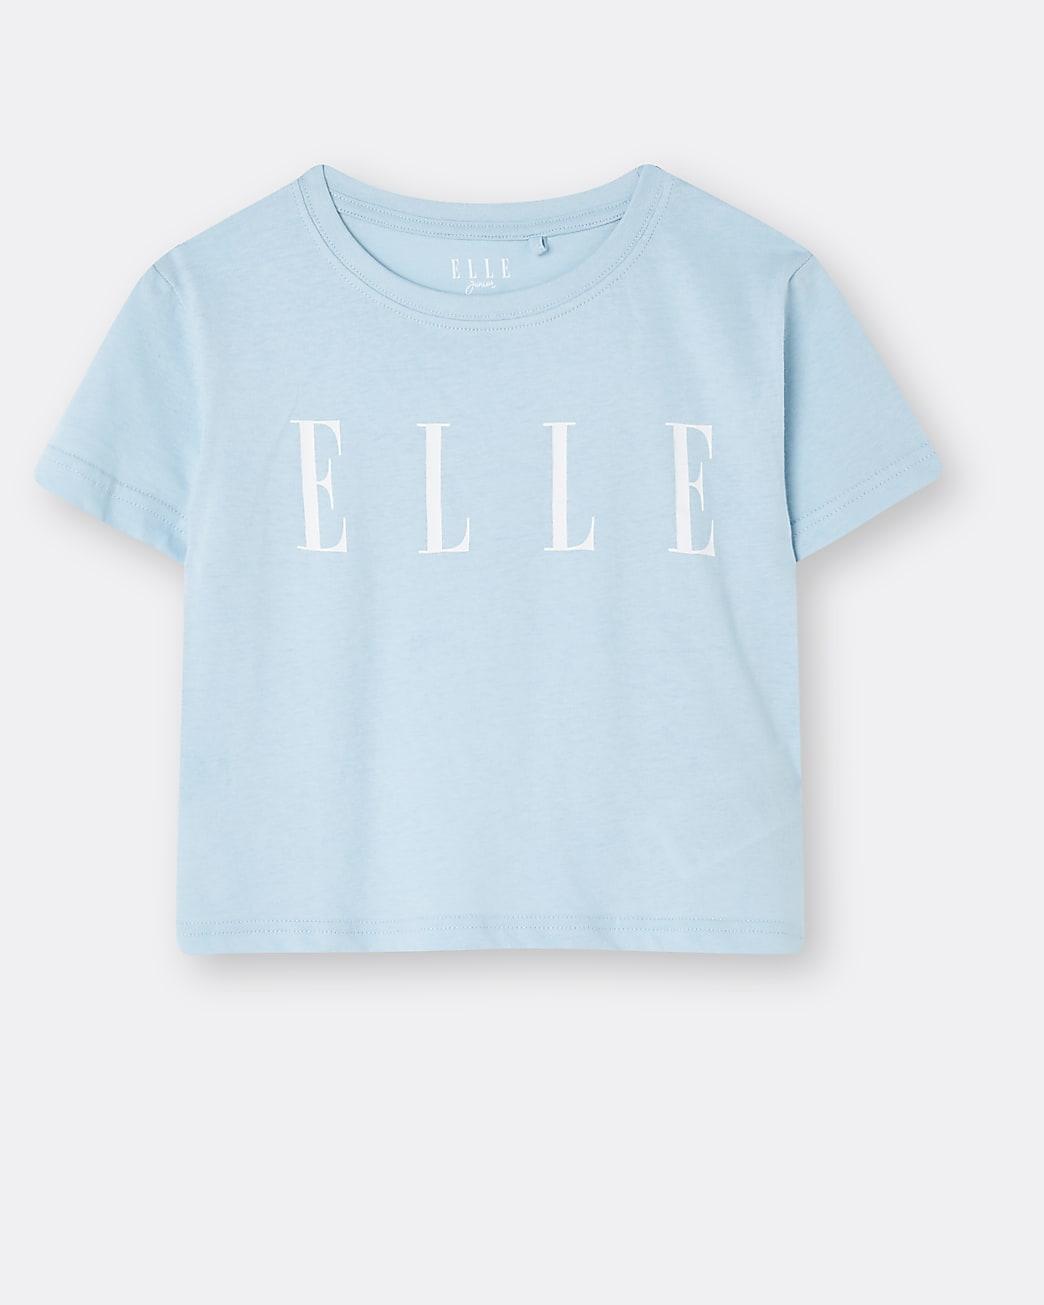 Girls blue ELLE t-shirt